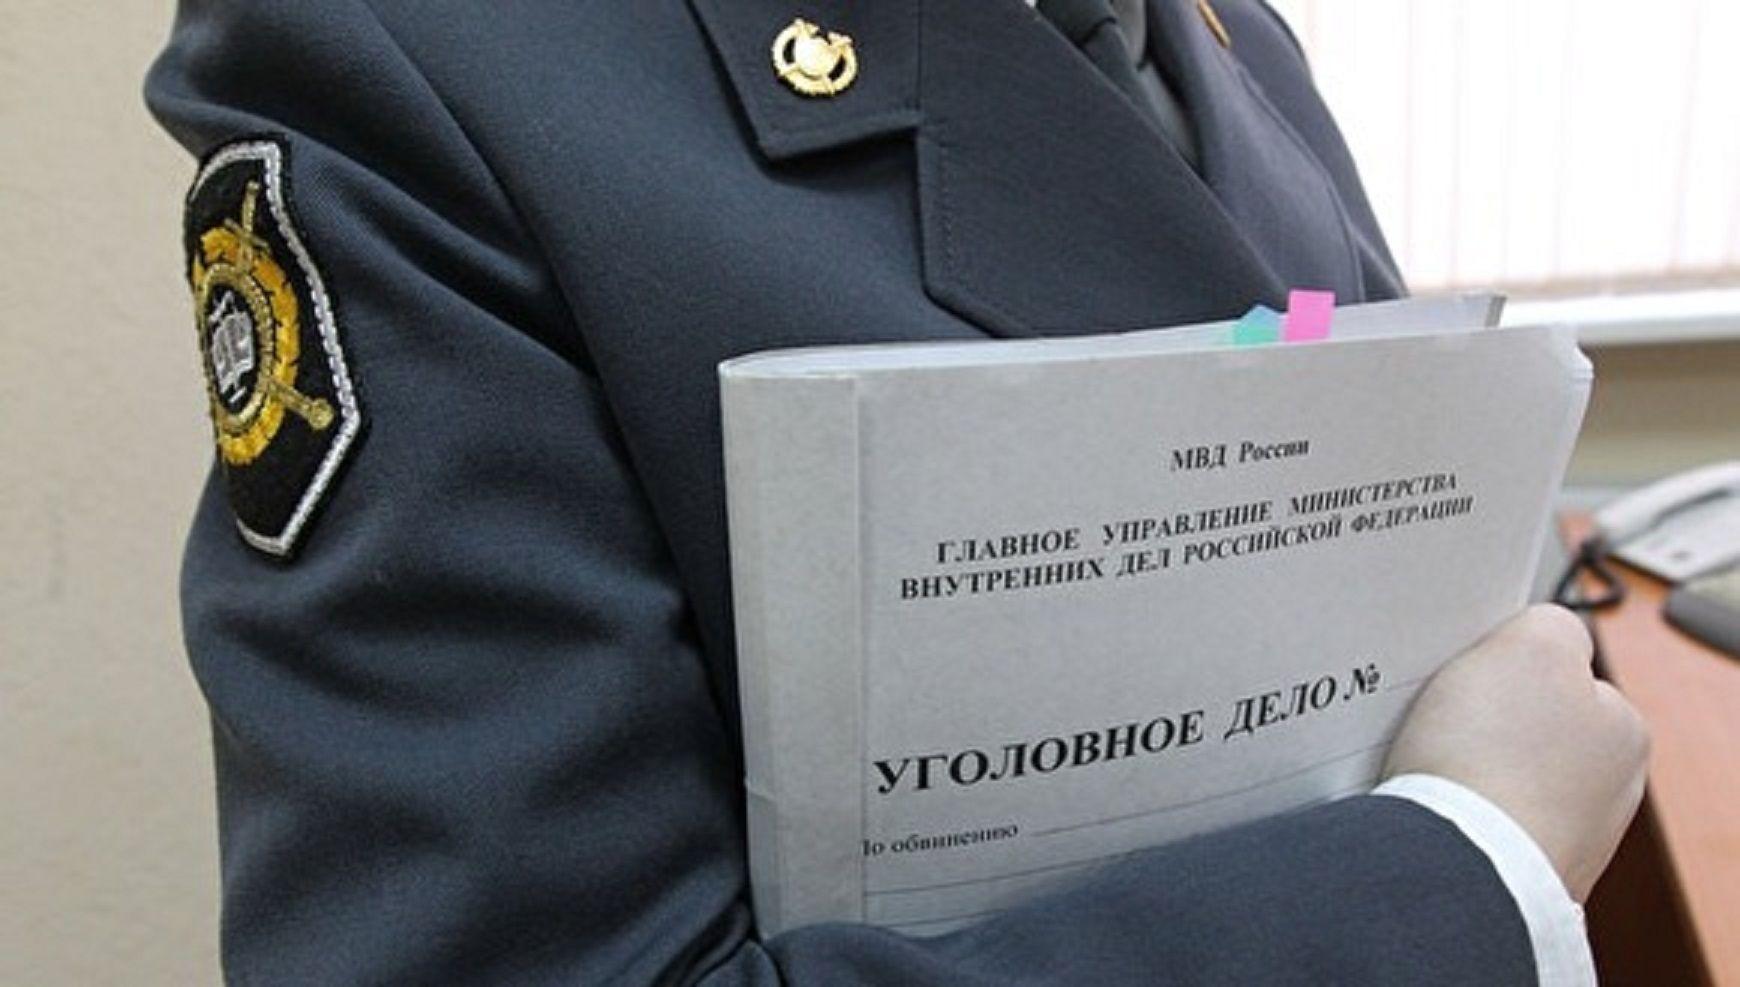 На Ставрополье пьяный мужчина сломал челюсть полицейскому за замечание о ненадлежащем поведении